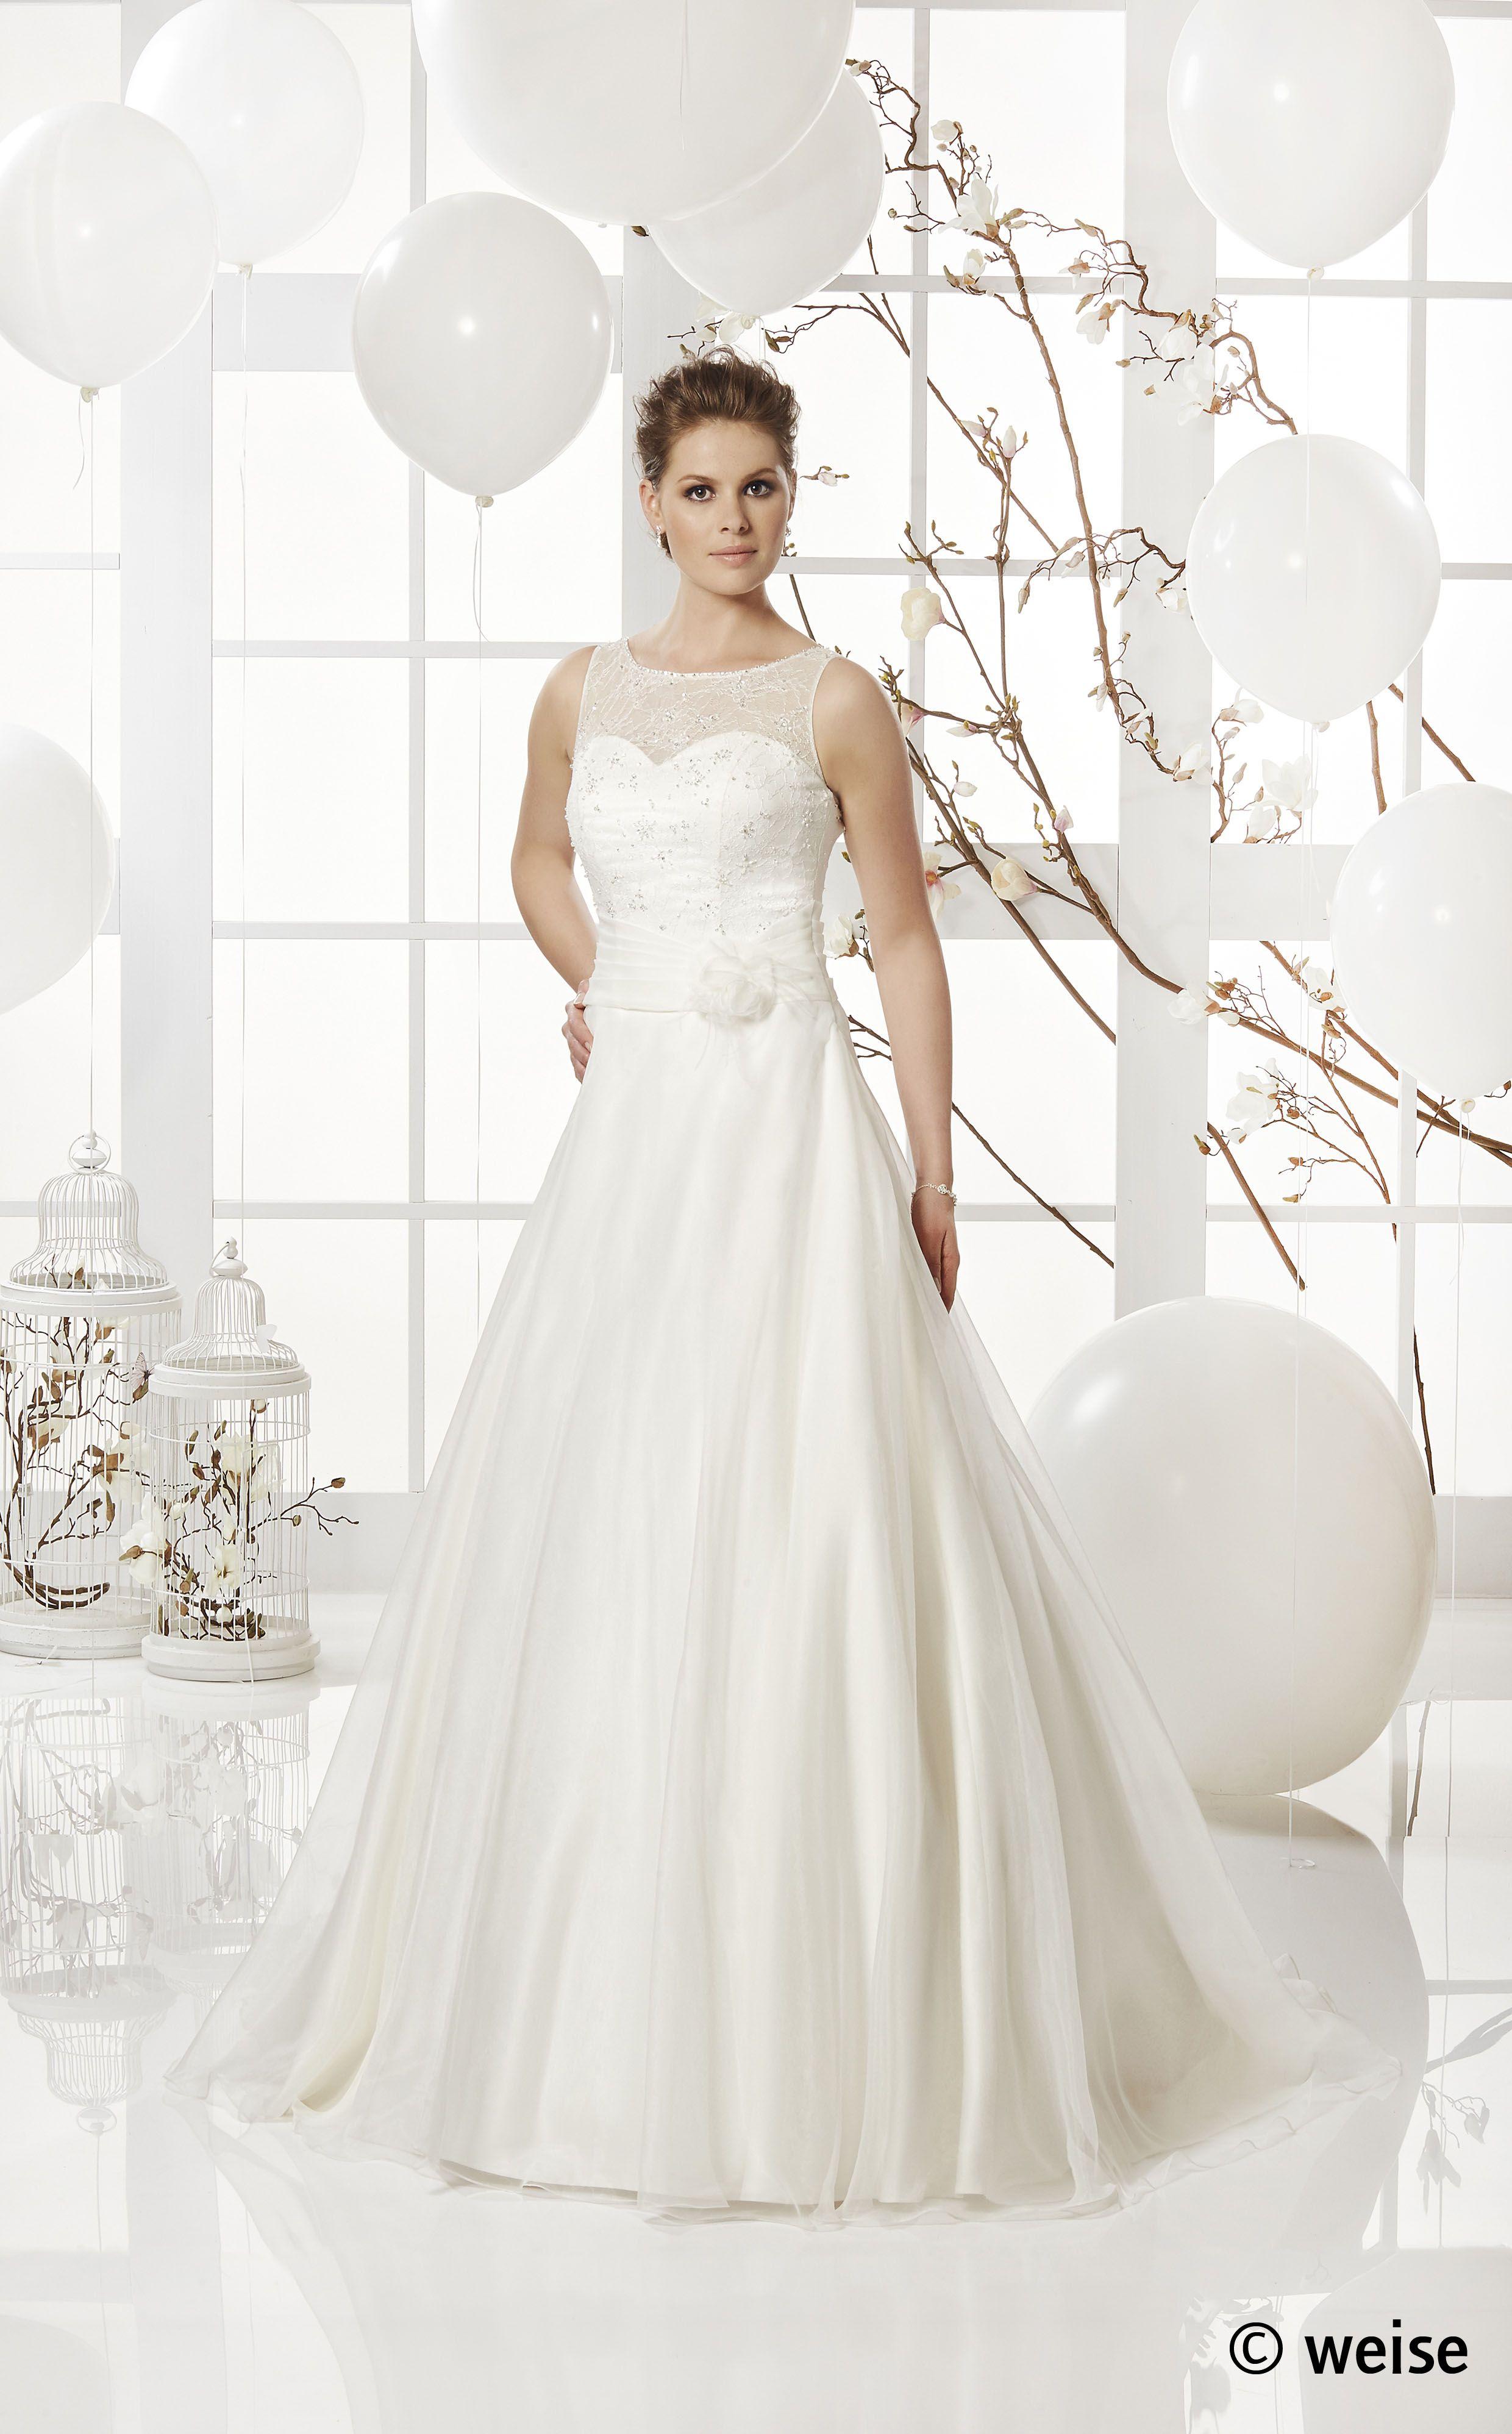 Brautkleider aus der Kollektion für 2016 von Weise - bei uns ...